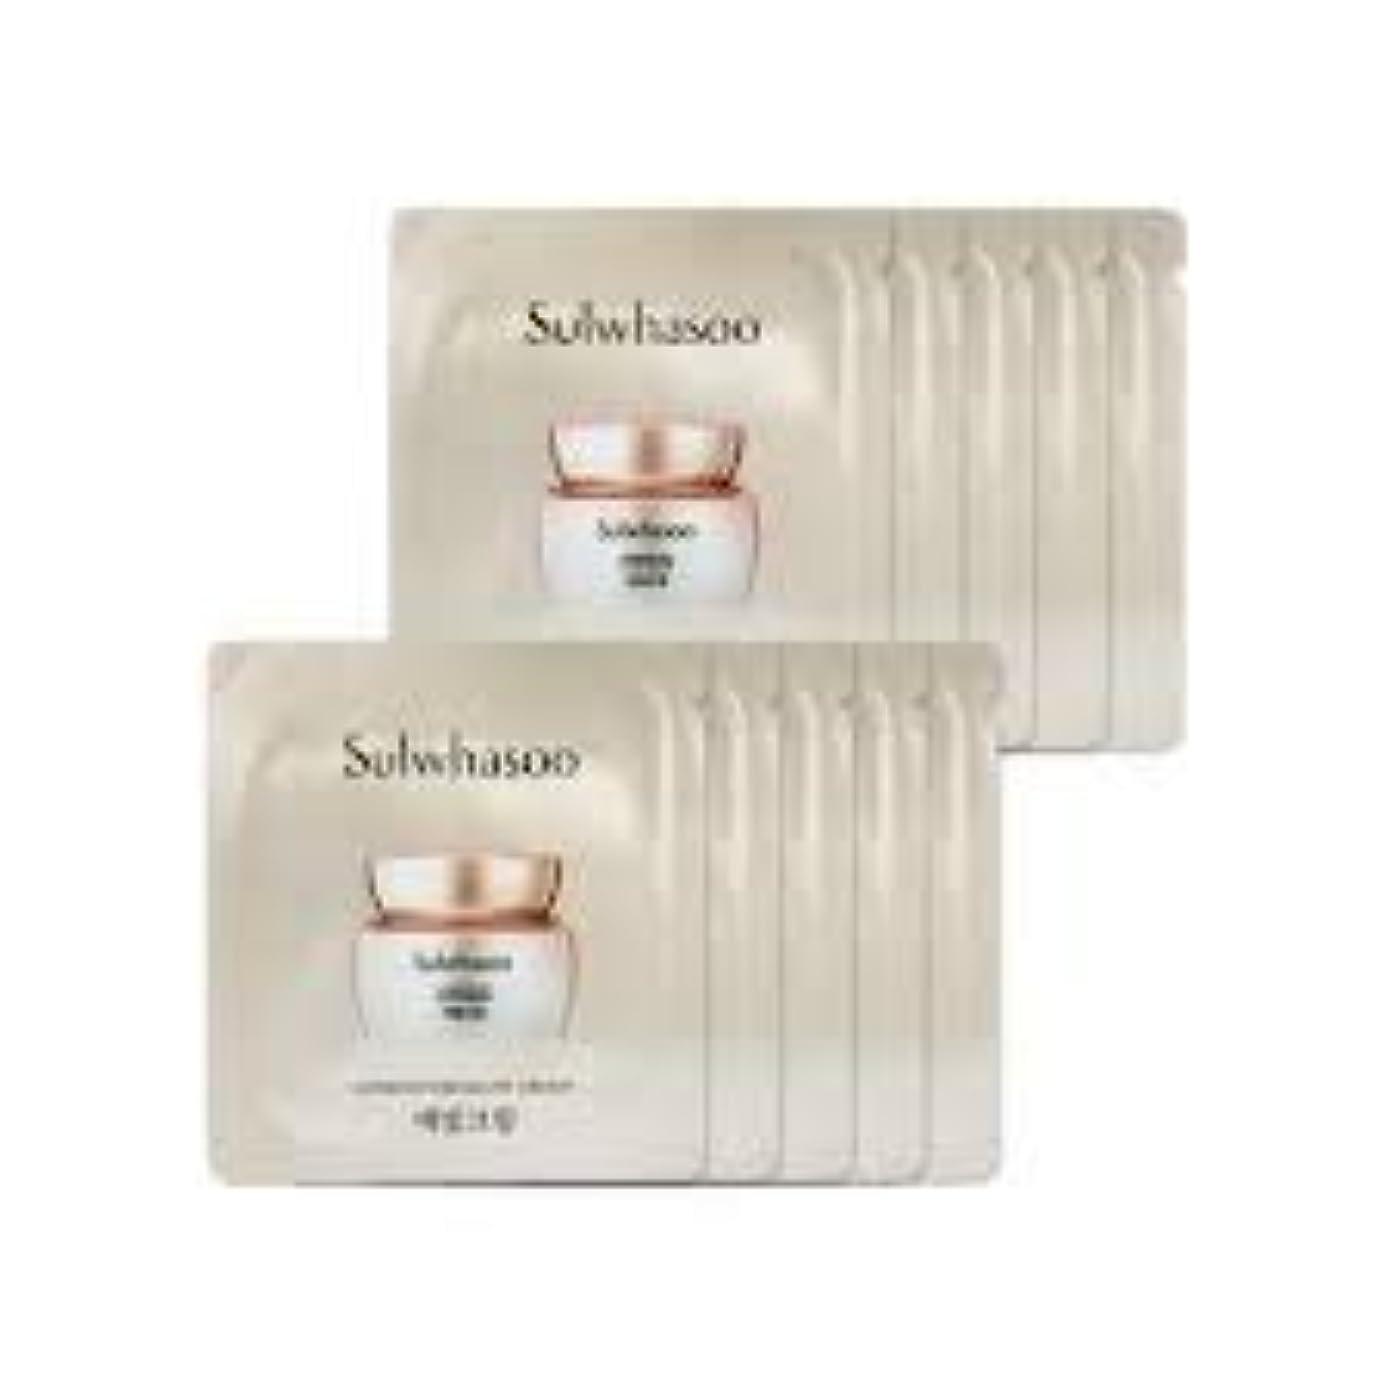 おとうさんウルル時代遅れ[ソルファス ] Sulwhasoo (雪花秀) ルミナチュアグロー Luminature Glow Cream 1ml x 30 (イェビトクリーム) [ShopMaster1]